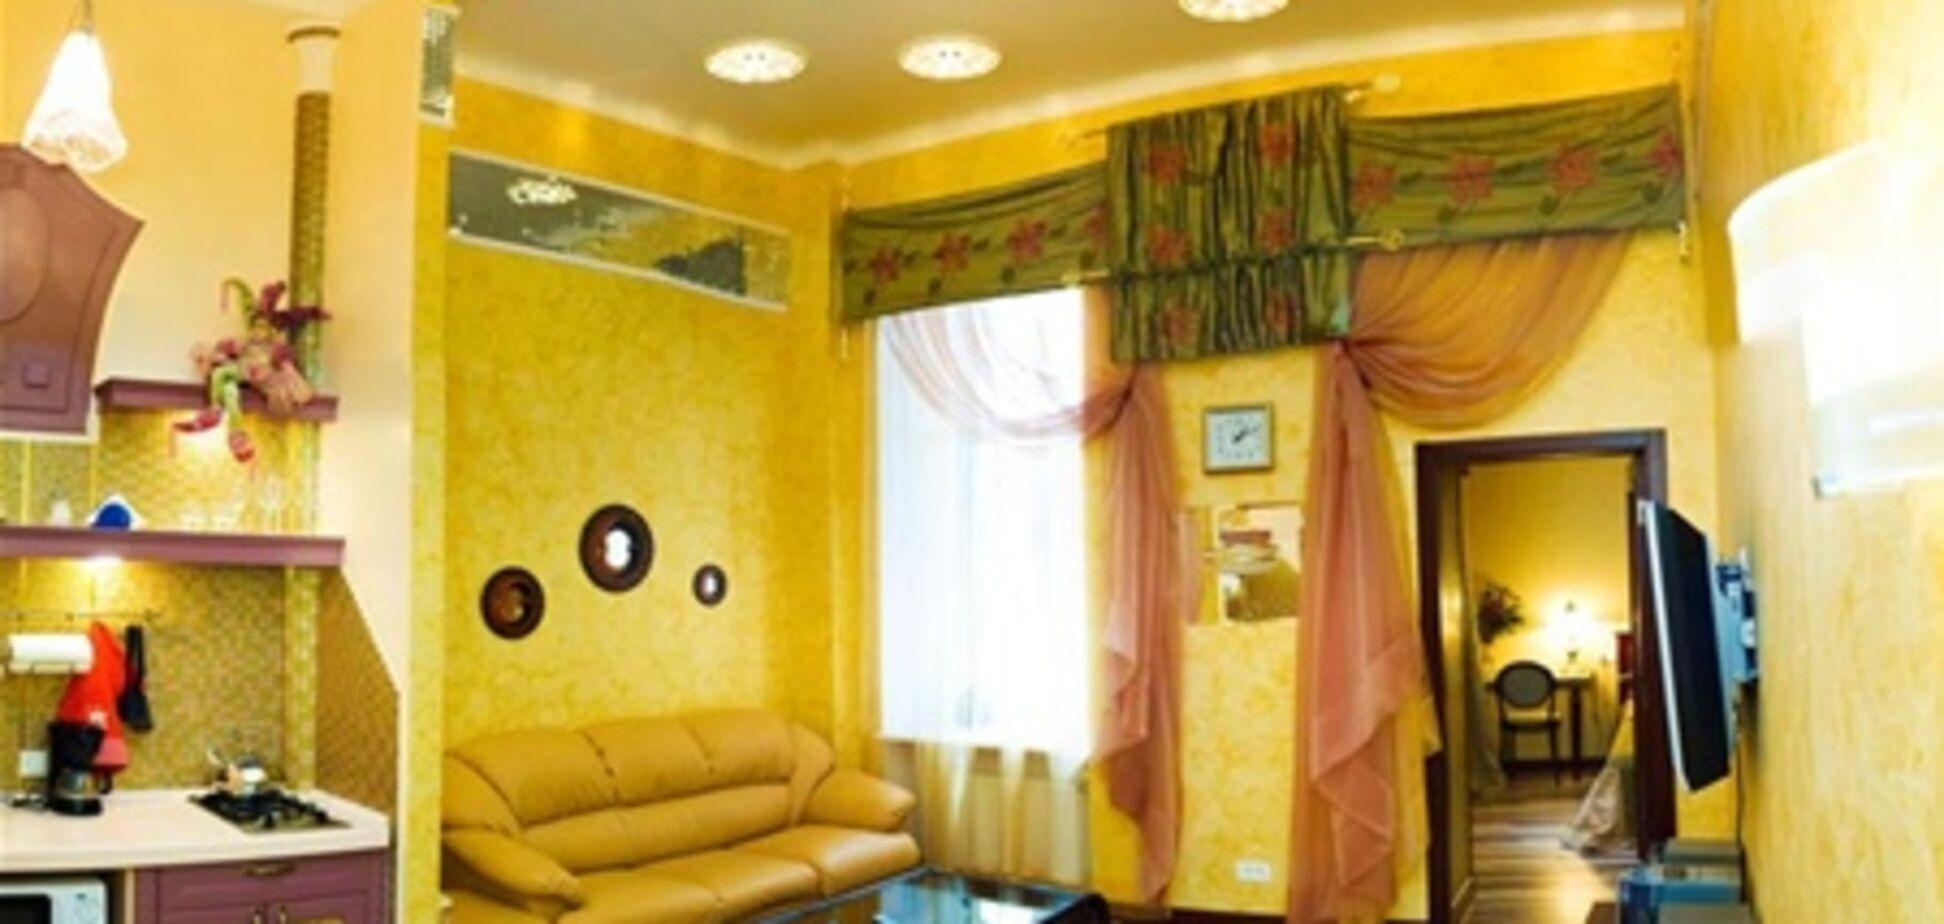 Чтобы купить квартиру в Монако, надо копить 362 года